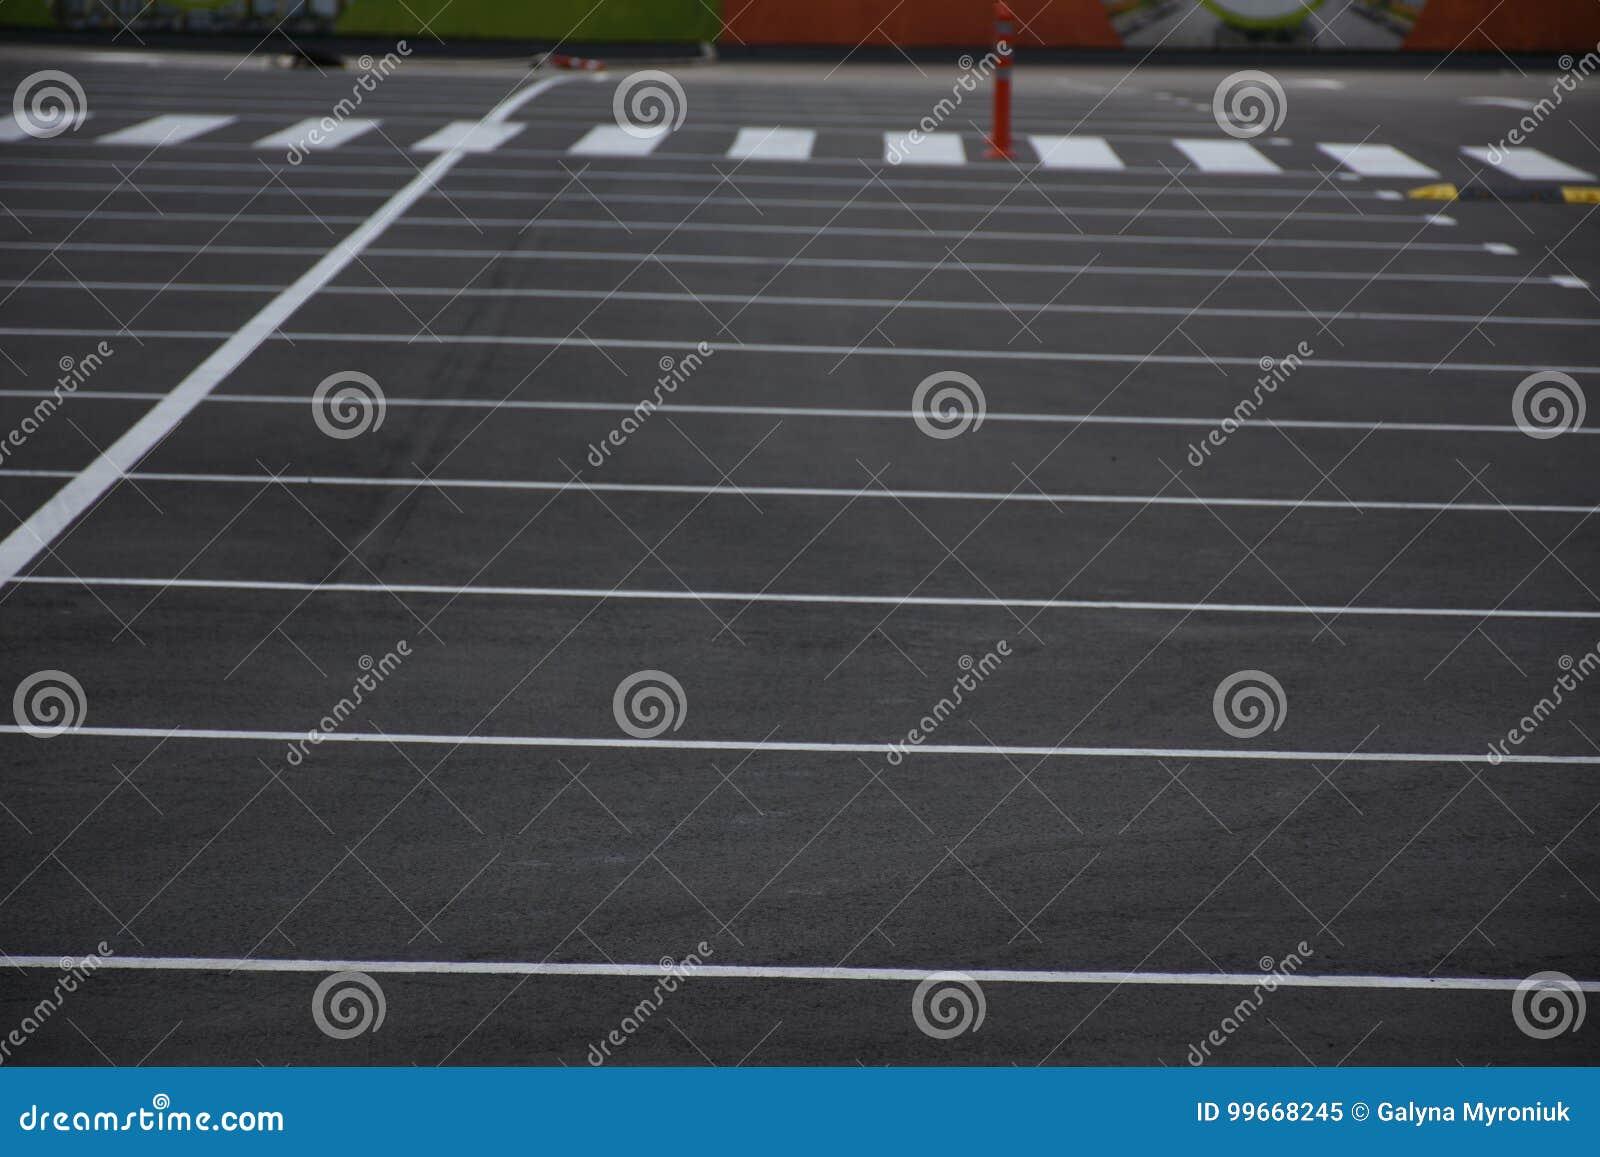 Målad orientering på asfalten för att parkera bilar,